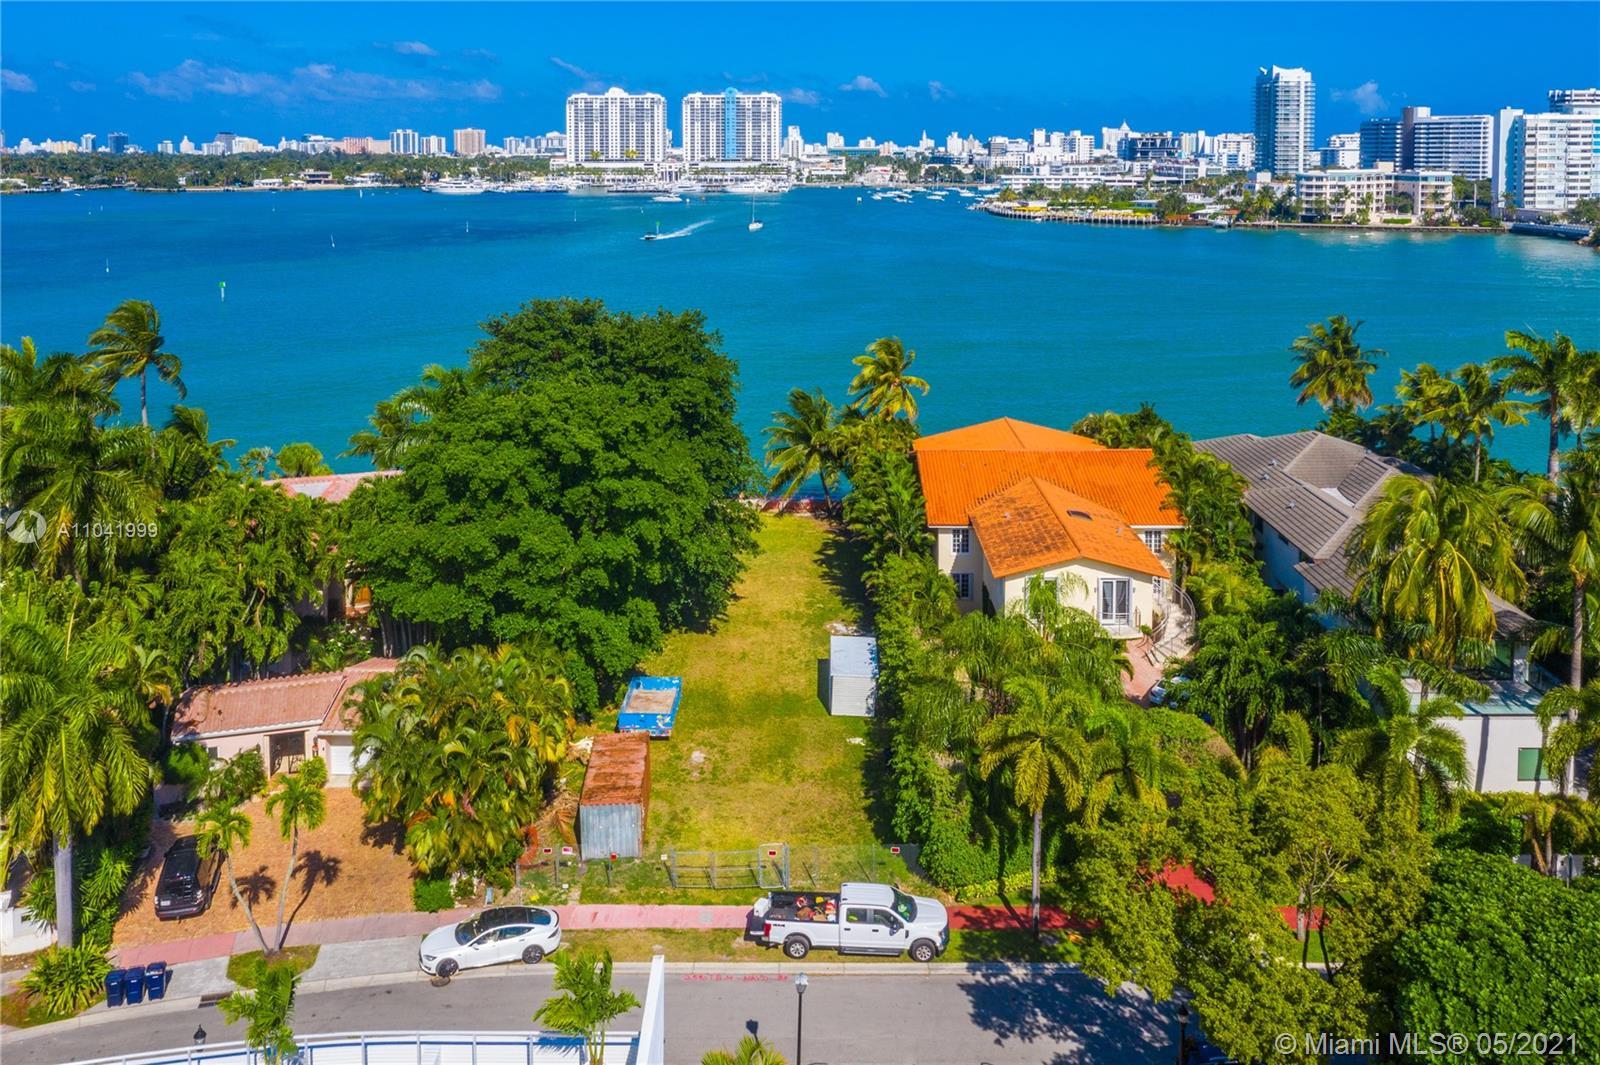 415 E Rivo Alto Dr Luxury Real Estate